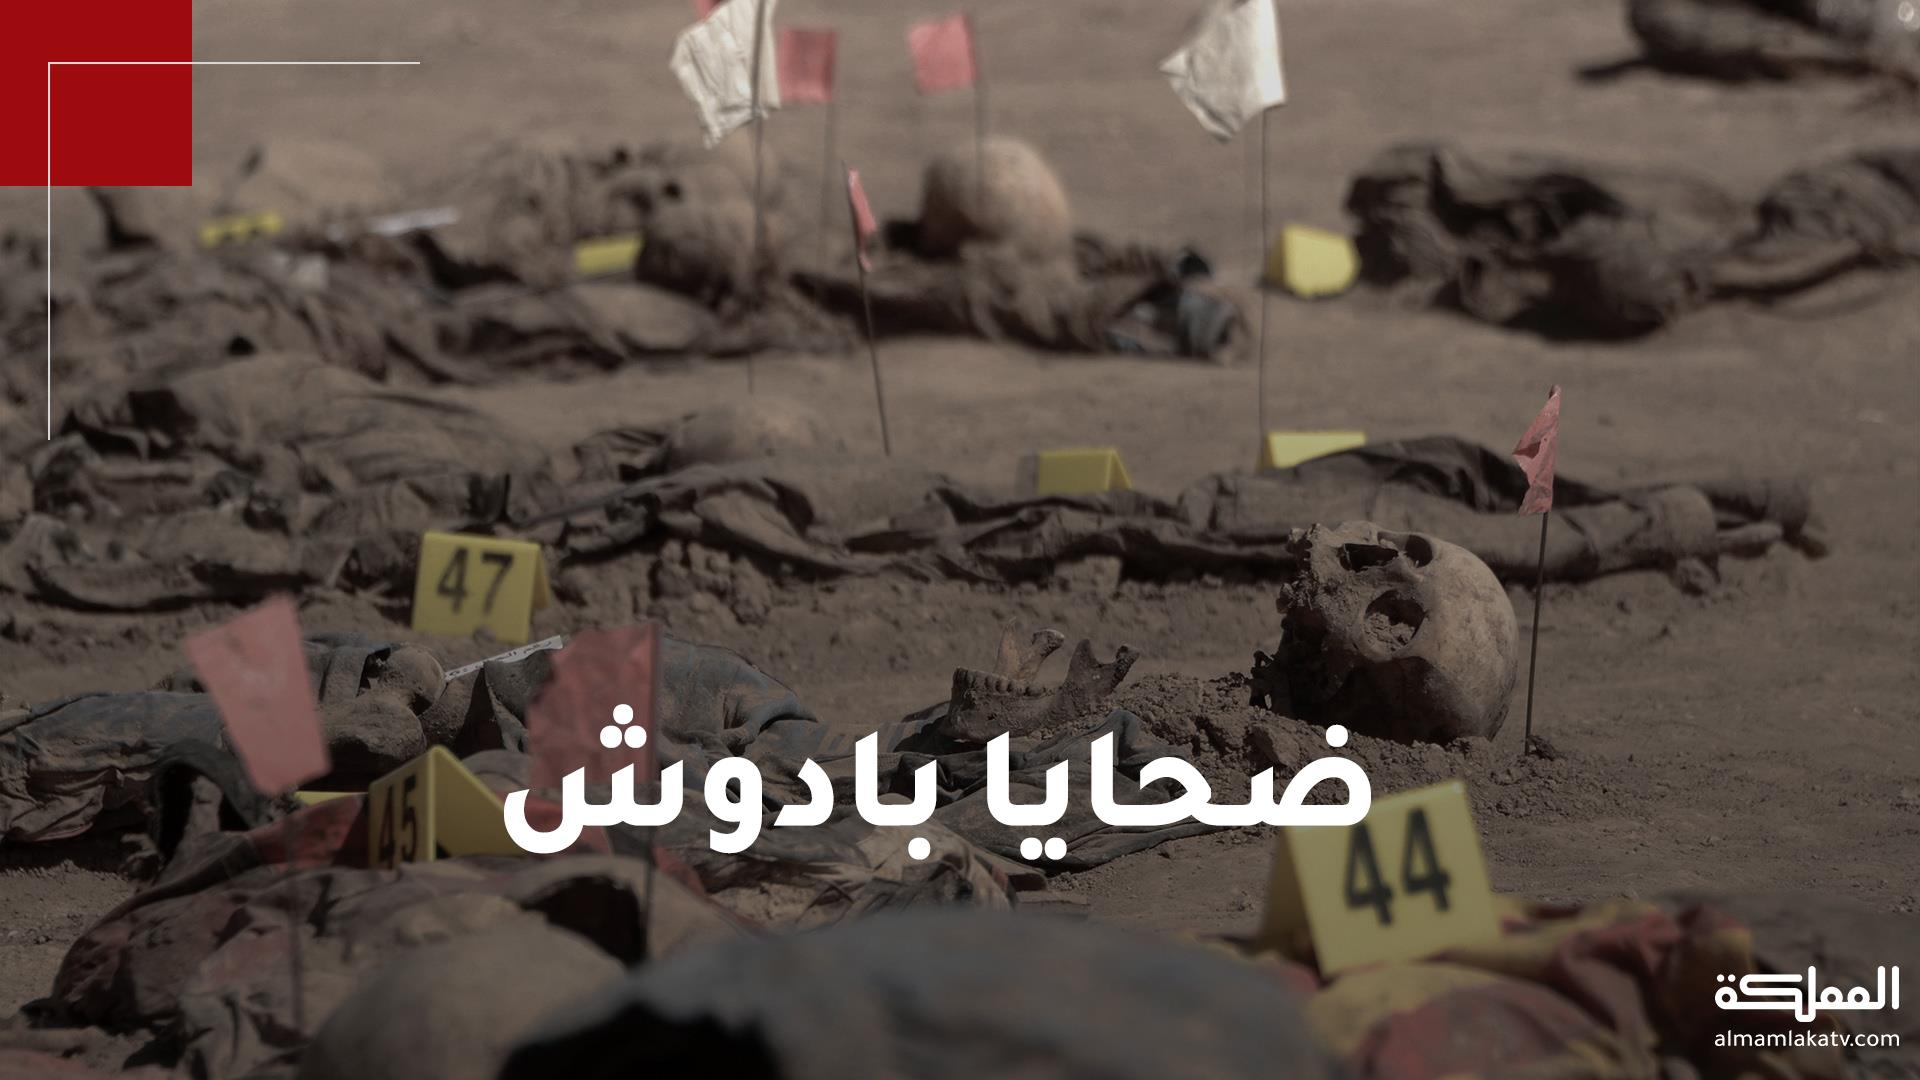 ينتشل بقايا 123 جثة حديثا بعد مجزرة سجن بادوش